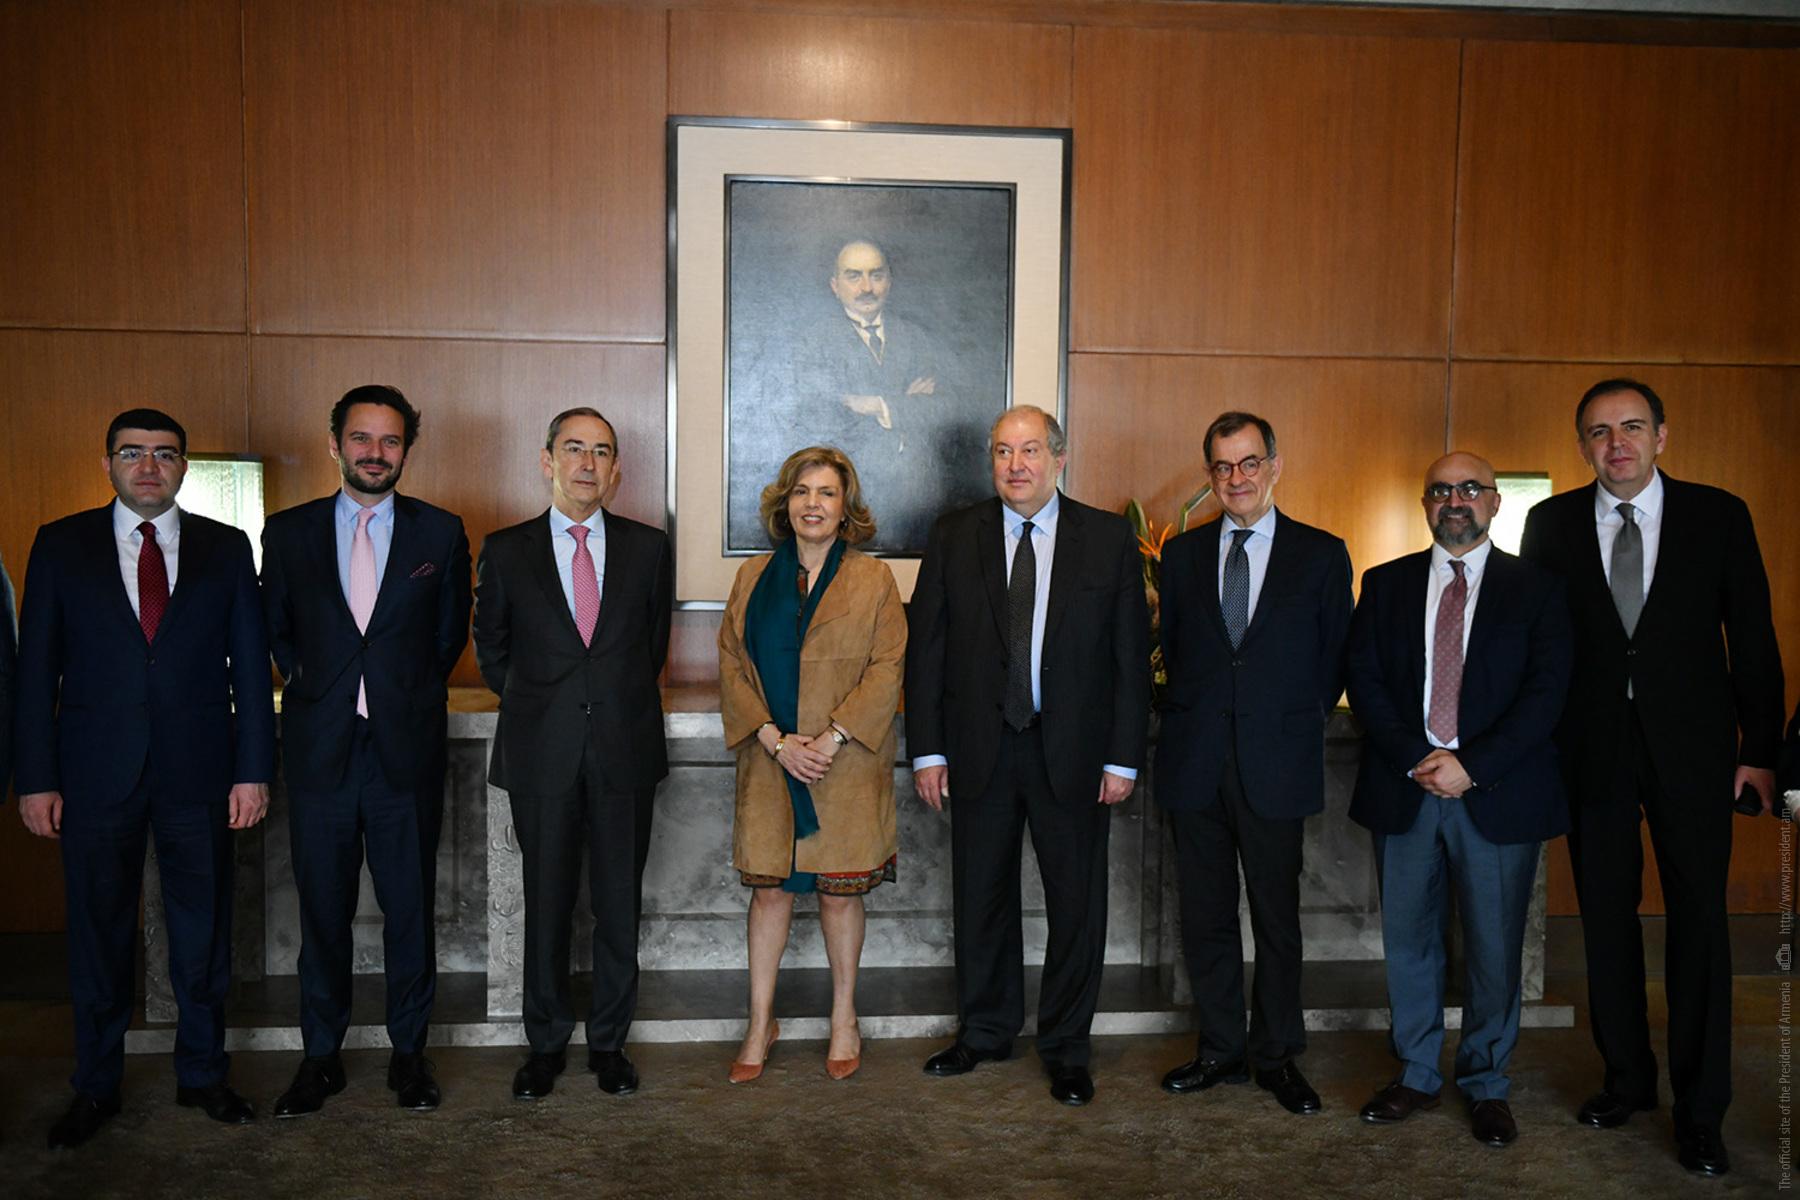 Արմեն Սարգսյանը «Գալուստ Գյուլբենկյան» հիմնադրամի ղեկավարությանն առաջարկել է ընդլայնել Հայաստանում իրականացվող ծրագրերը